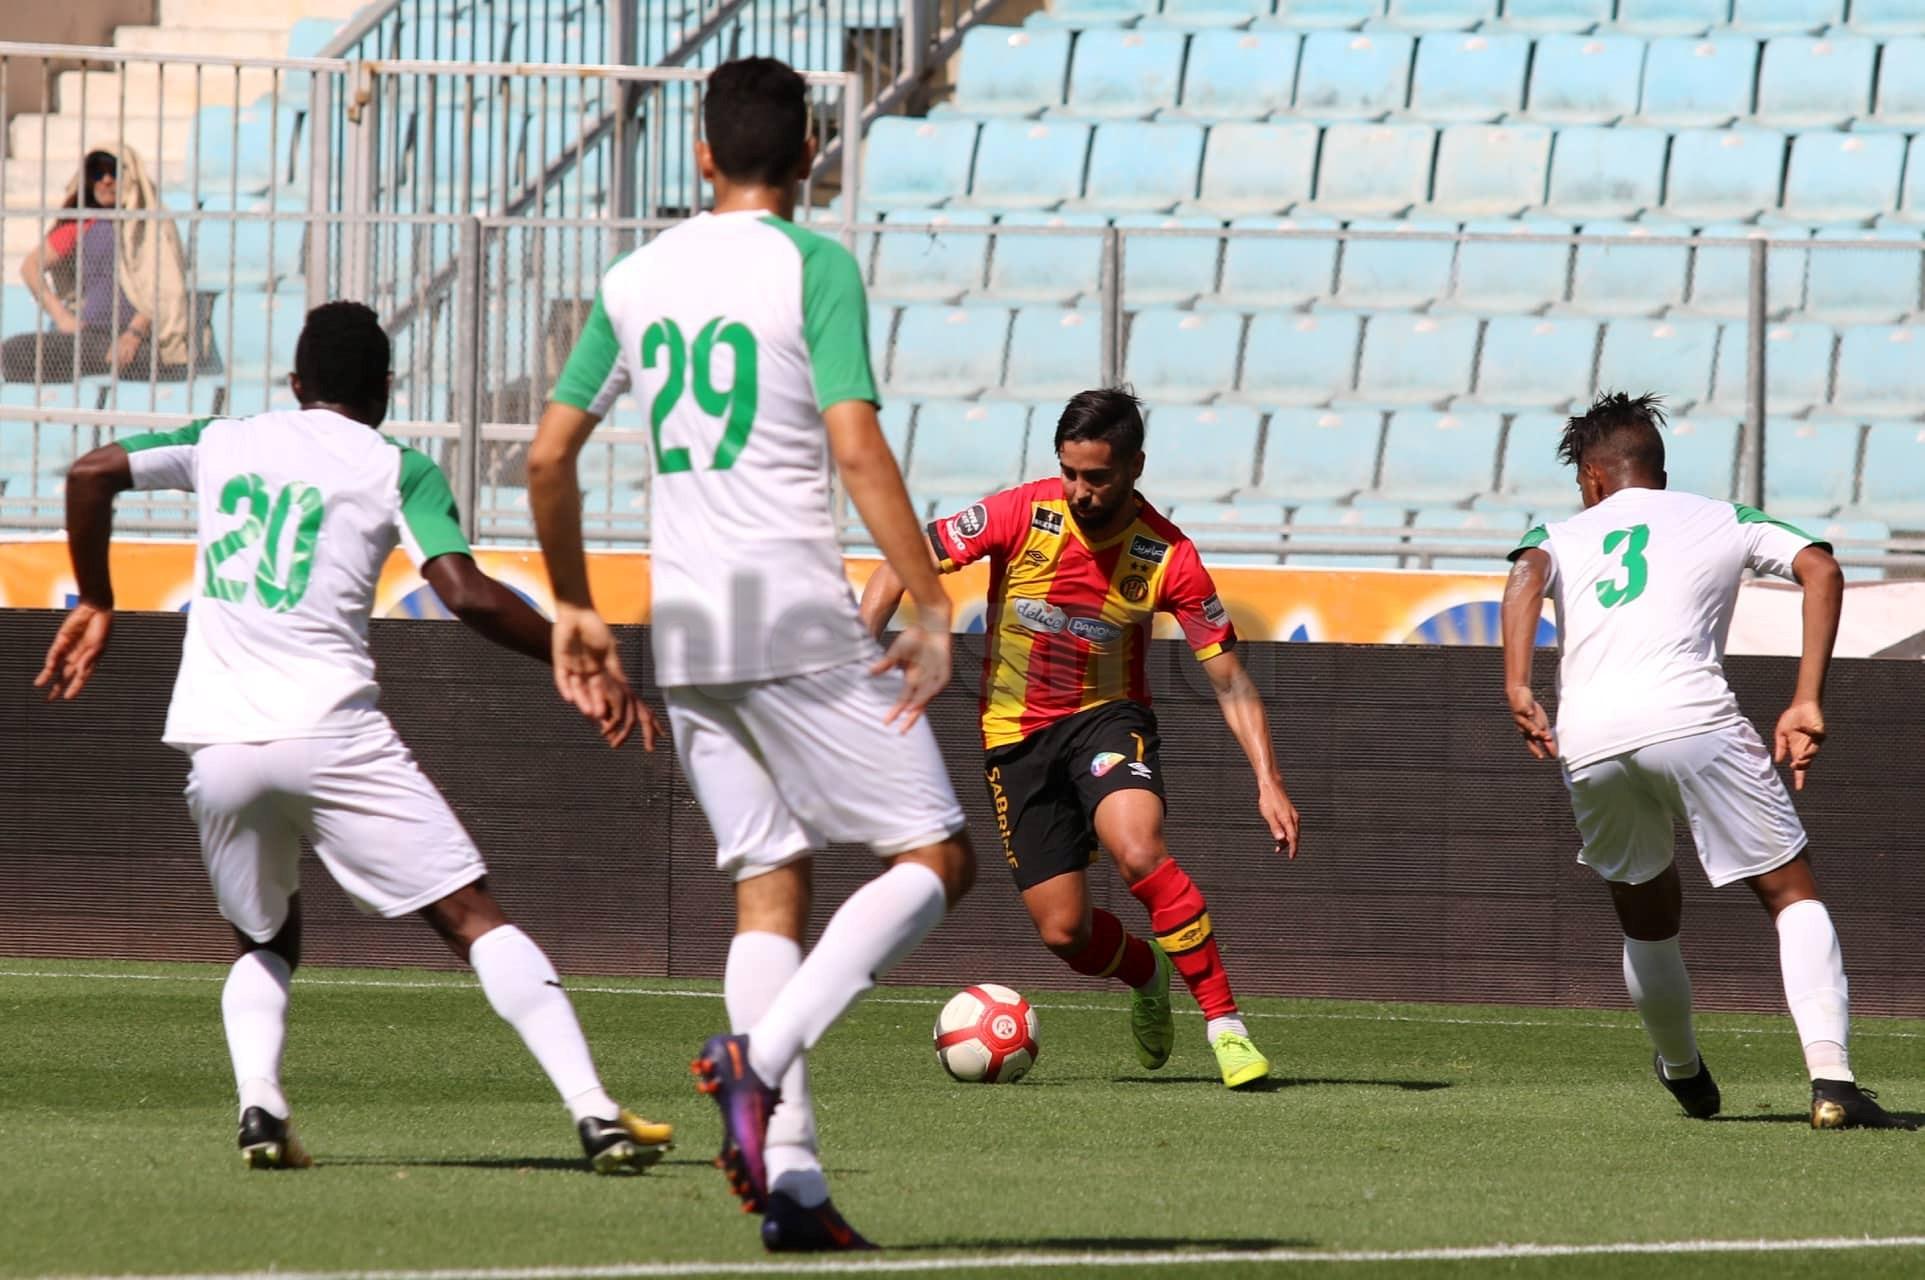 صور مباراة الترجي الرياضي التونسي و الملعب القابسي